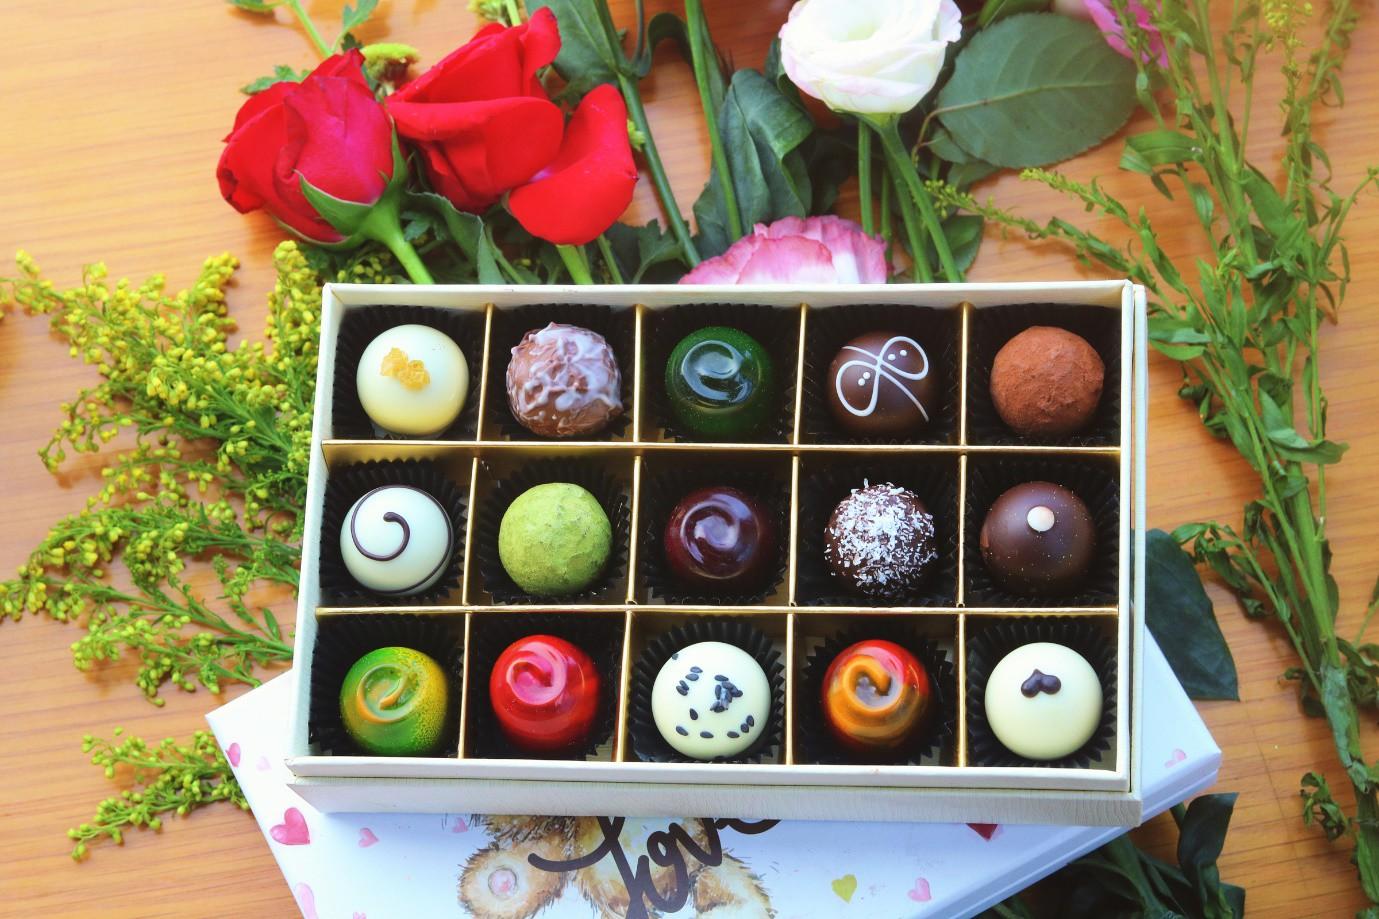 Tặng nhau chocolate ngày Valentine, đừng quên ý nghĩa vì sao nó lại là đại sứ hoàn hảo cho lời tỏ tình của bạn - Ảnh 4.